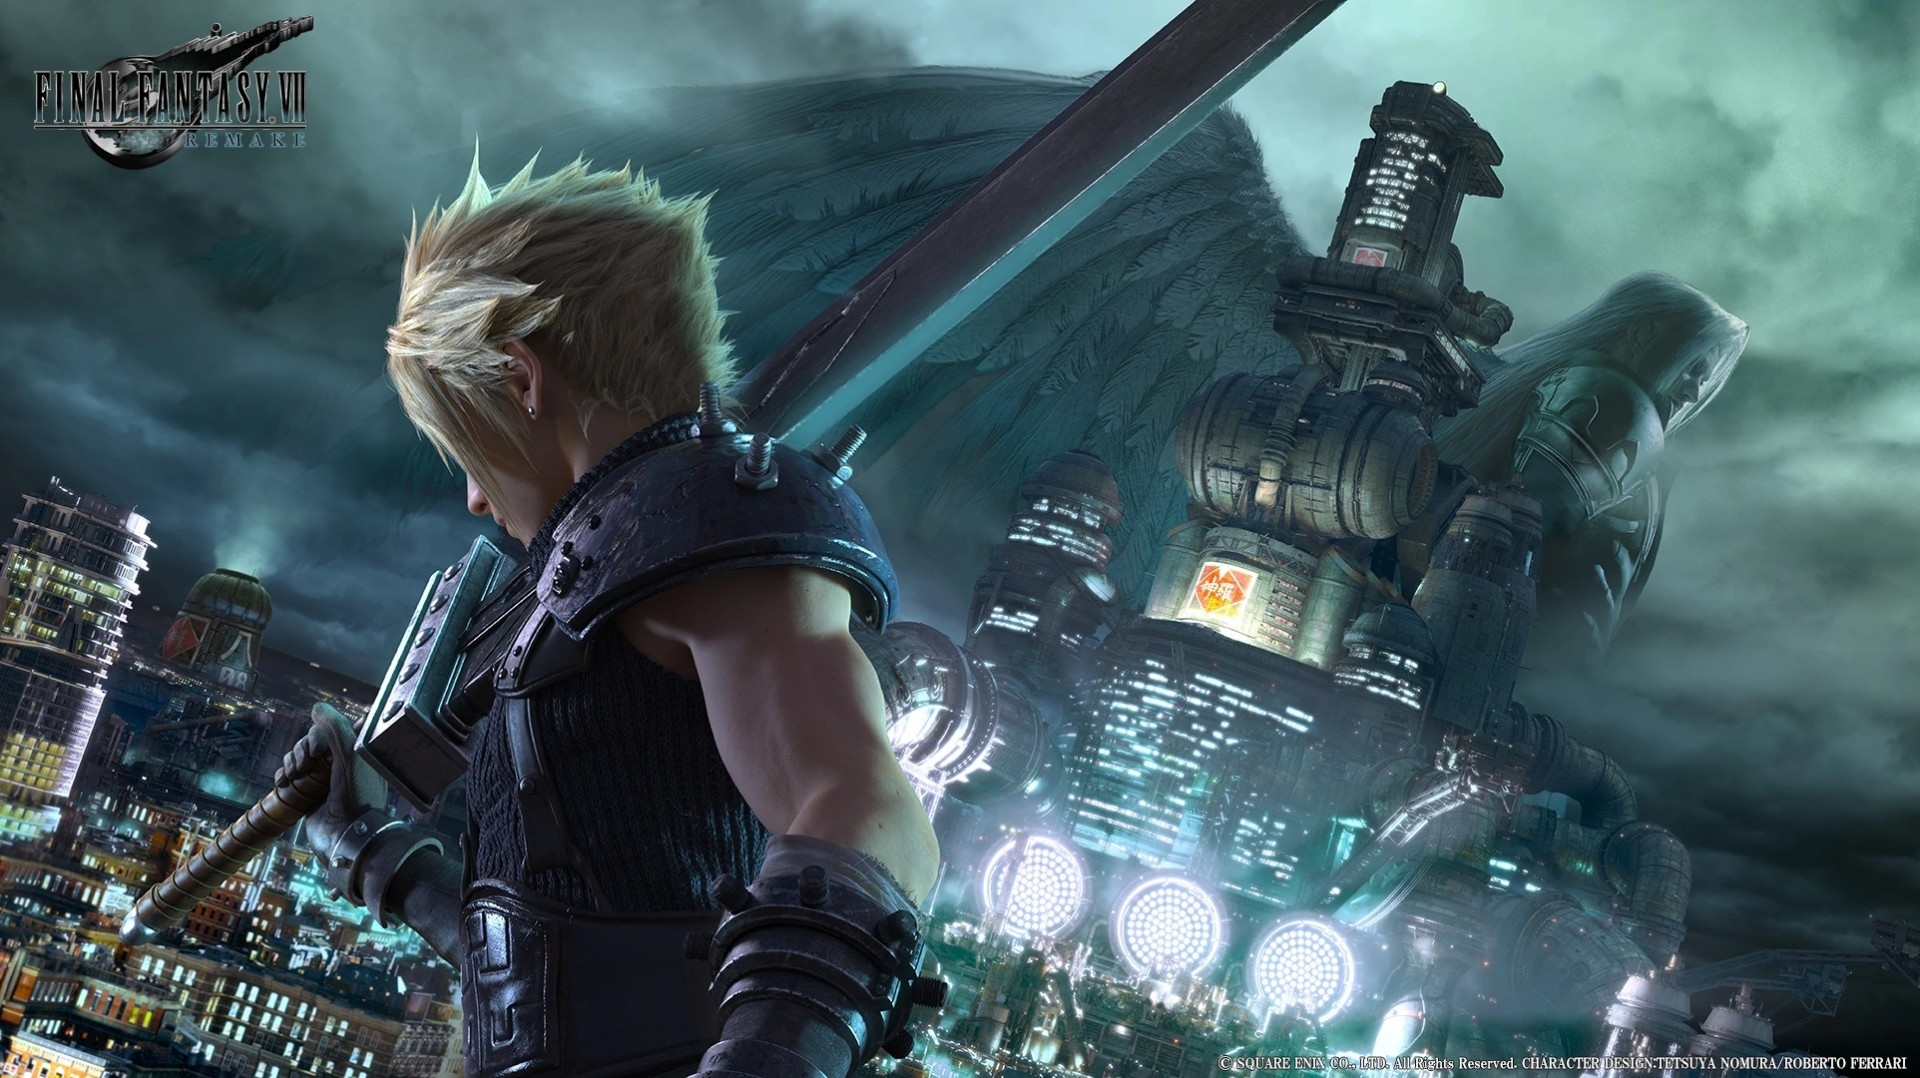 Se rumorea que la demo de Final Fantasty VII llegaría el 3 de marzo